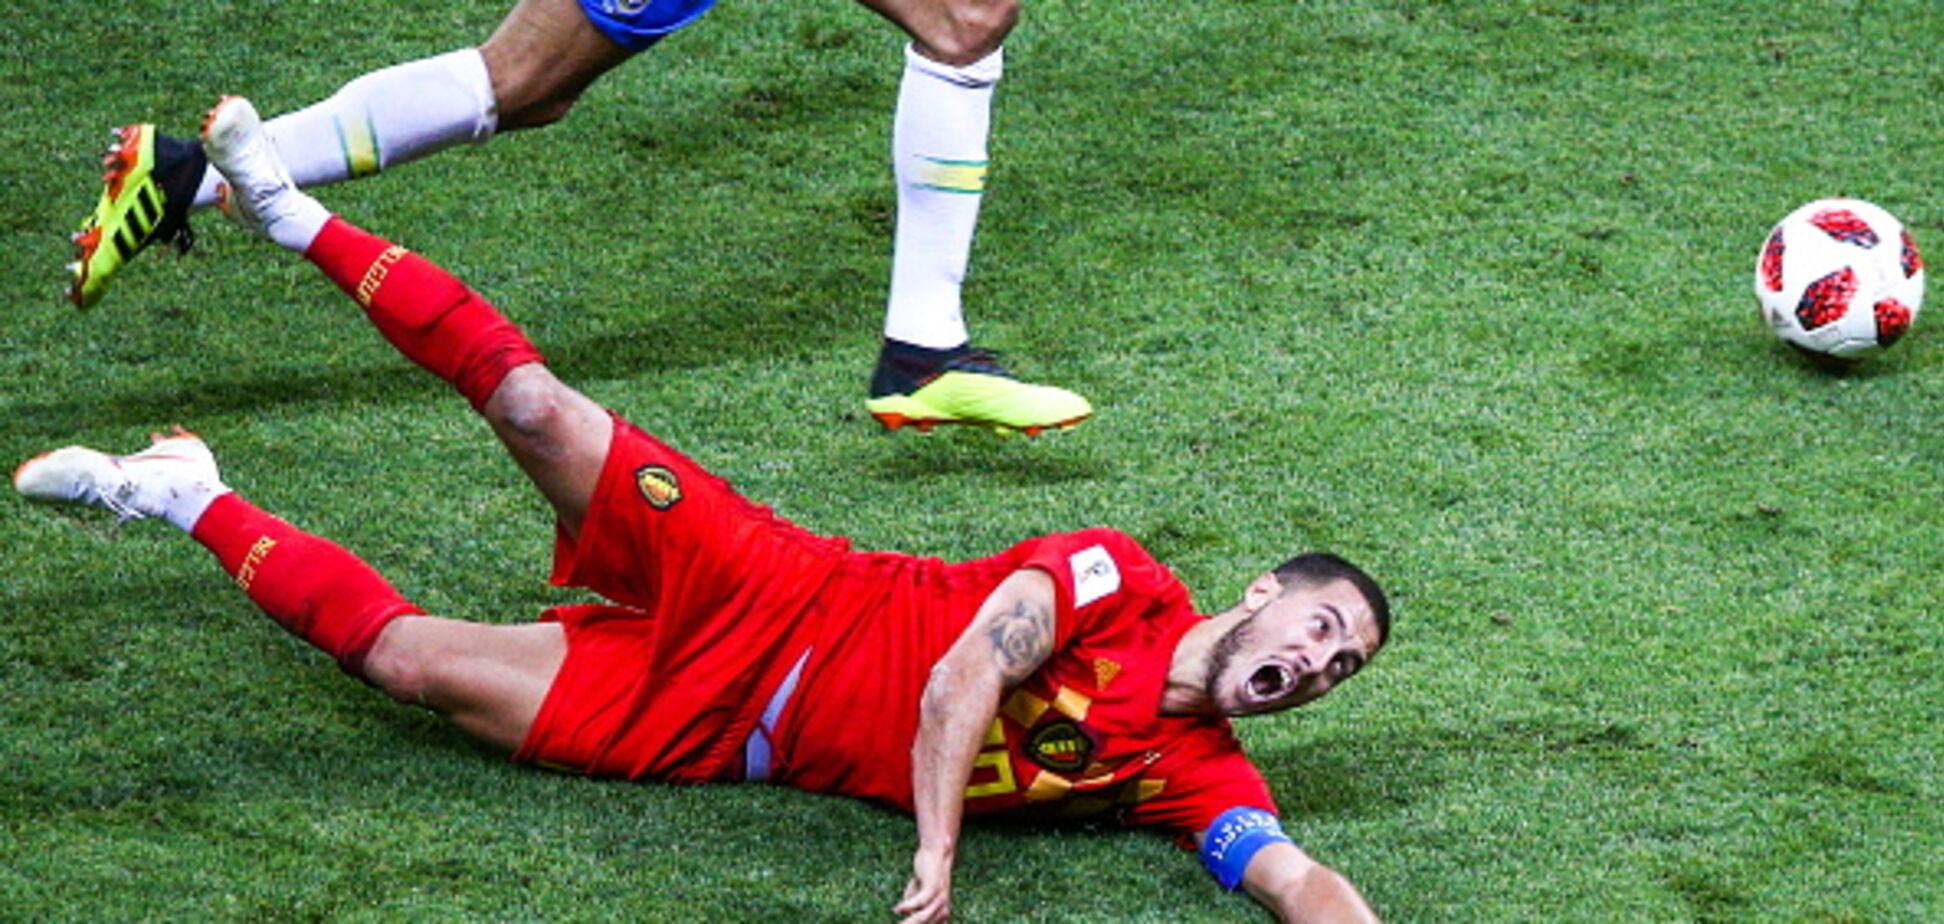 Бельгійський футболіст встановив історичний рекорд чемпіонатів світу